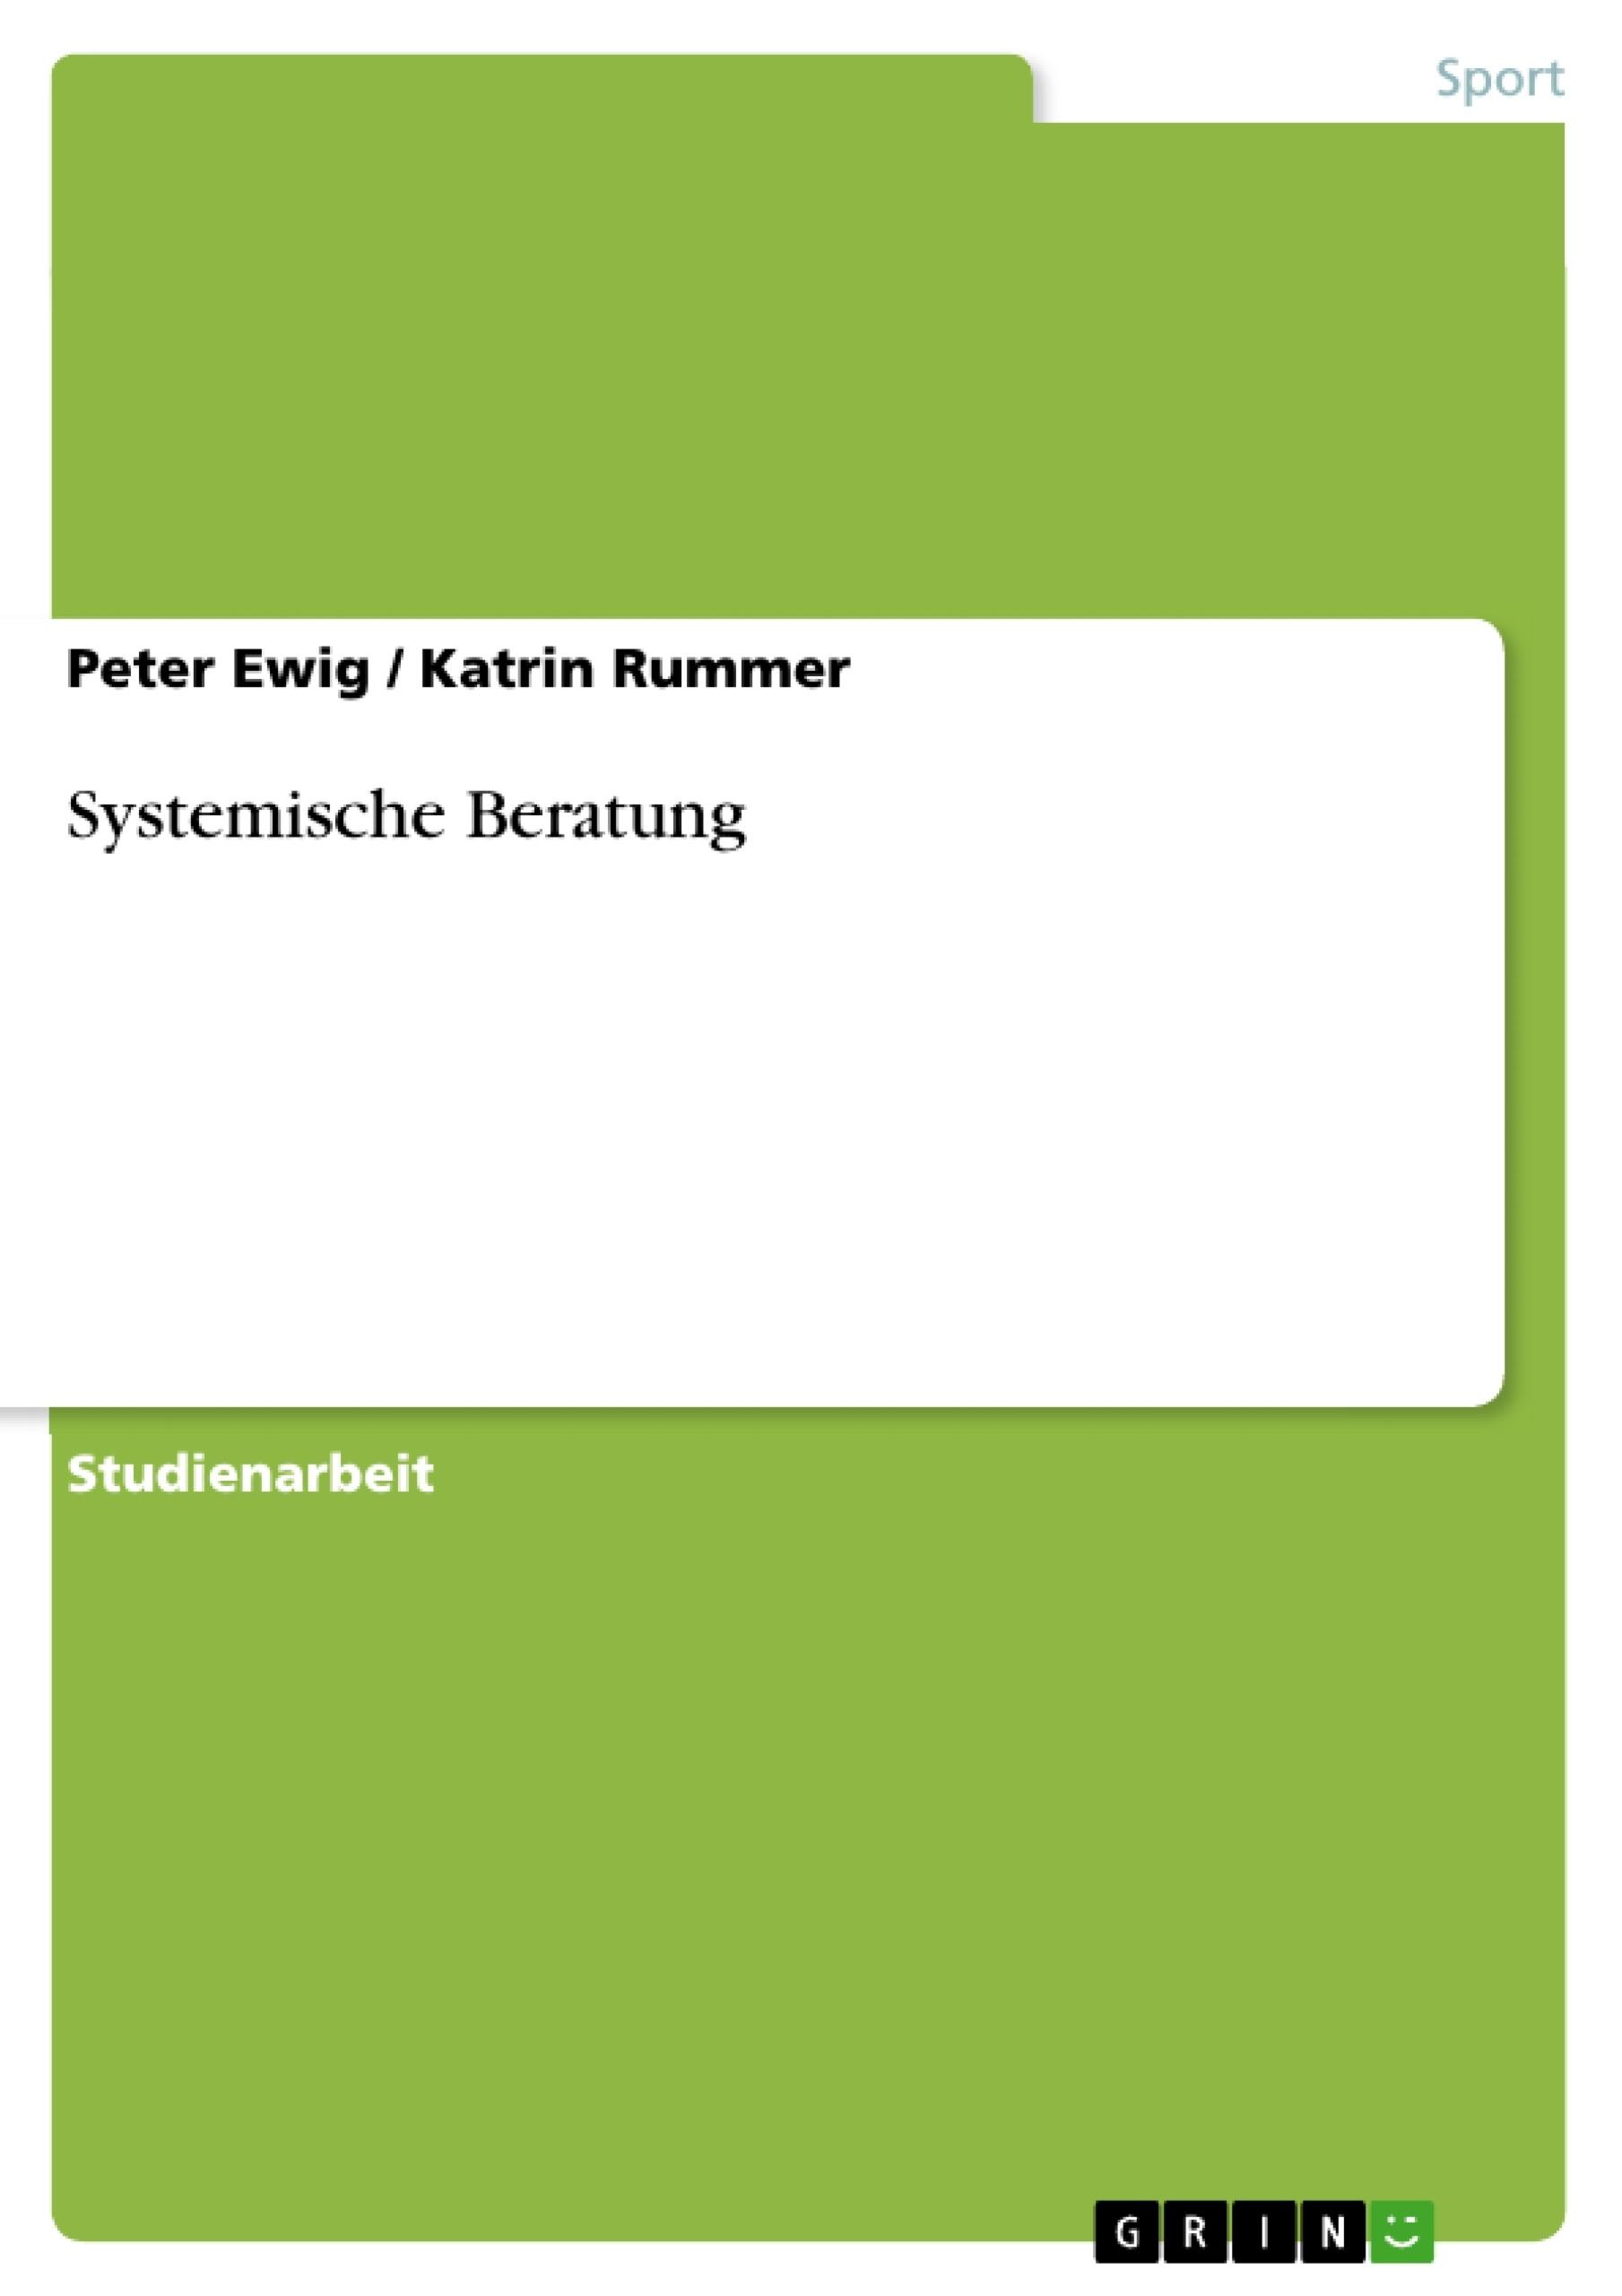 Titel: Systemische Beratung